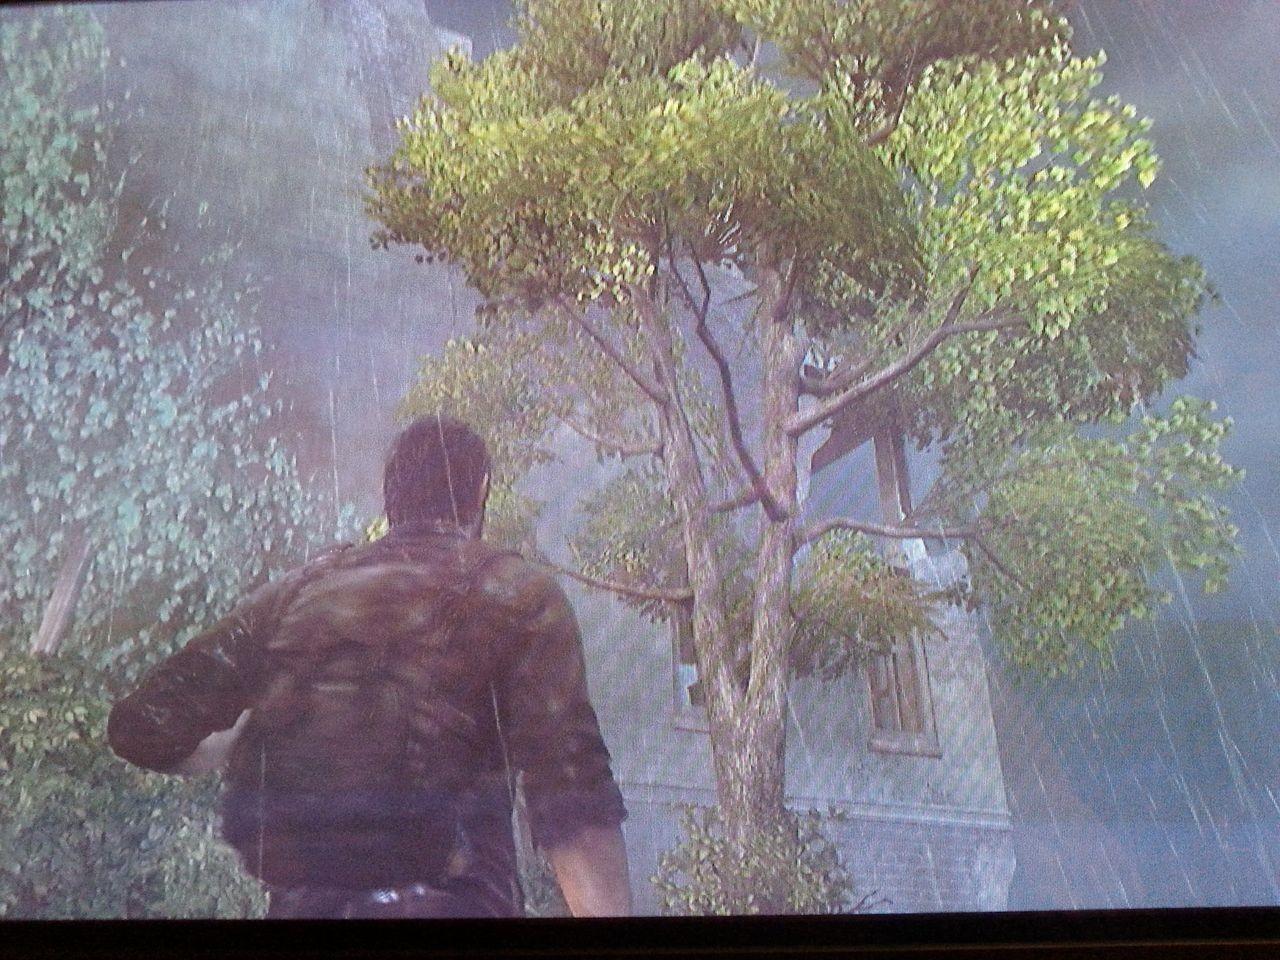 Zweiter Marken-Fundort im Baum vor dem Büro-Gebäude